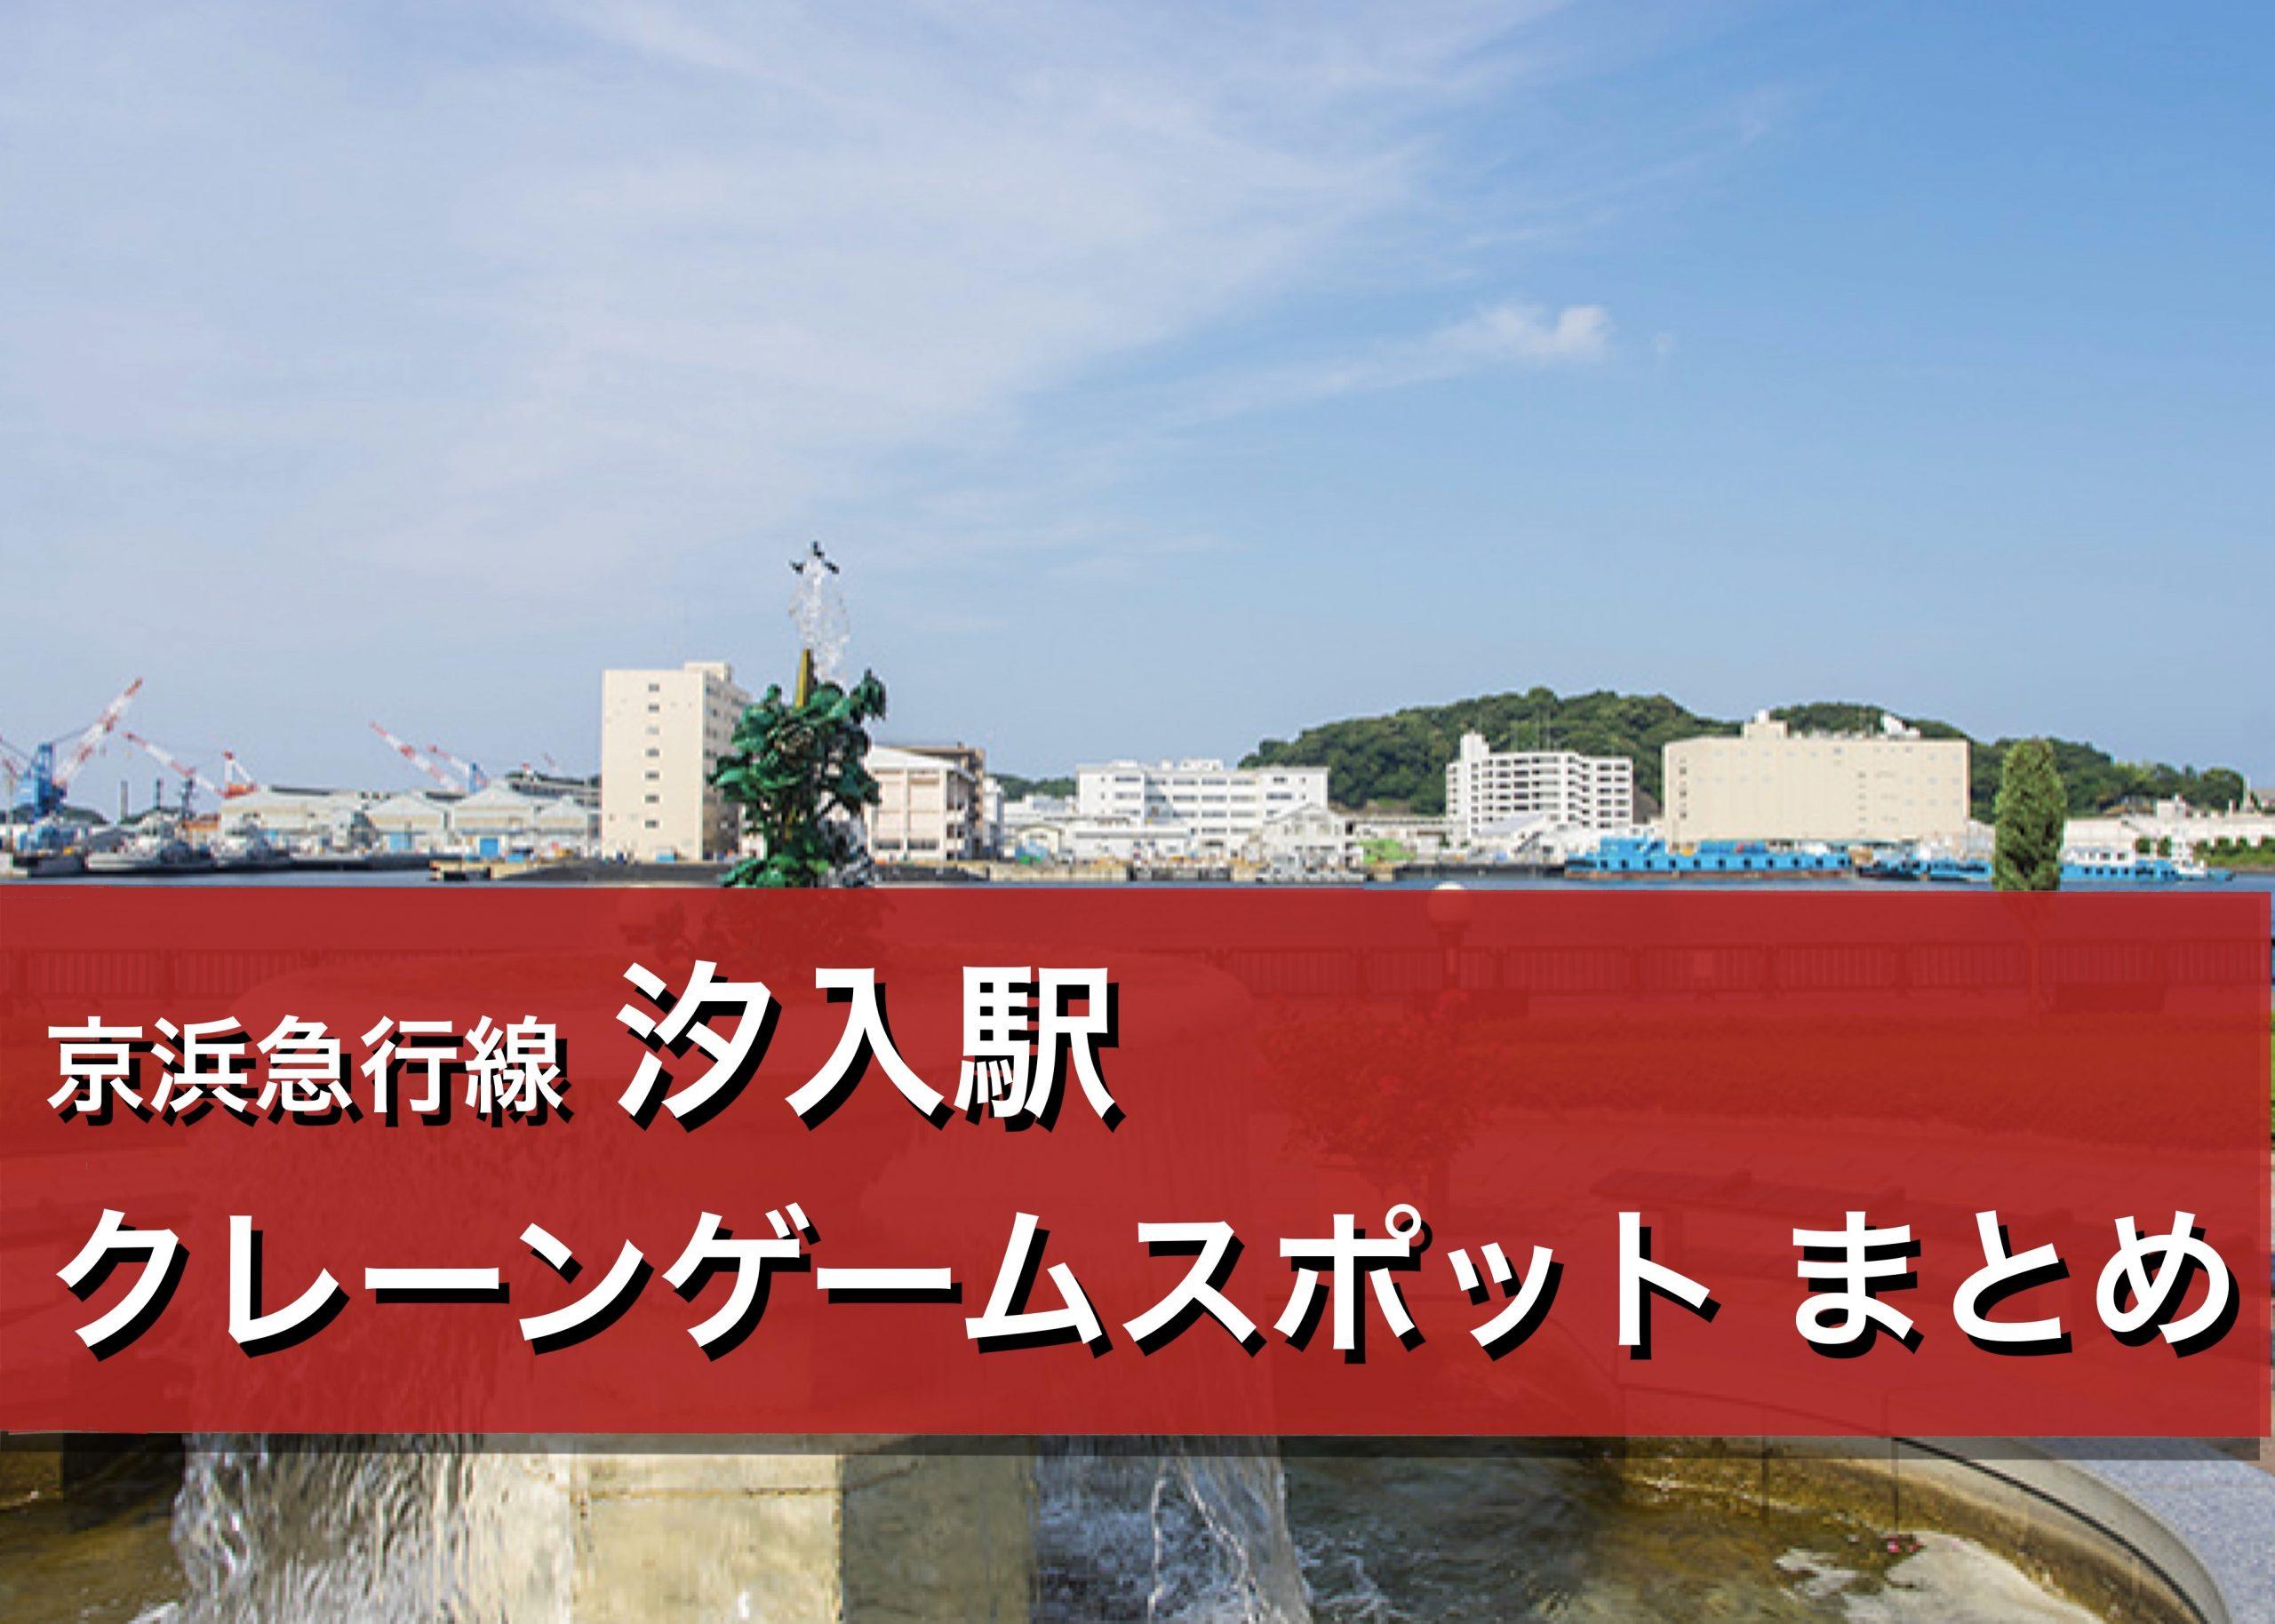 【汐入駅】クレーンゲームができる場所